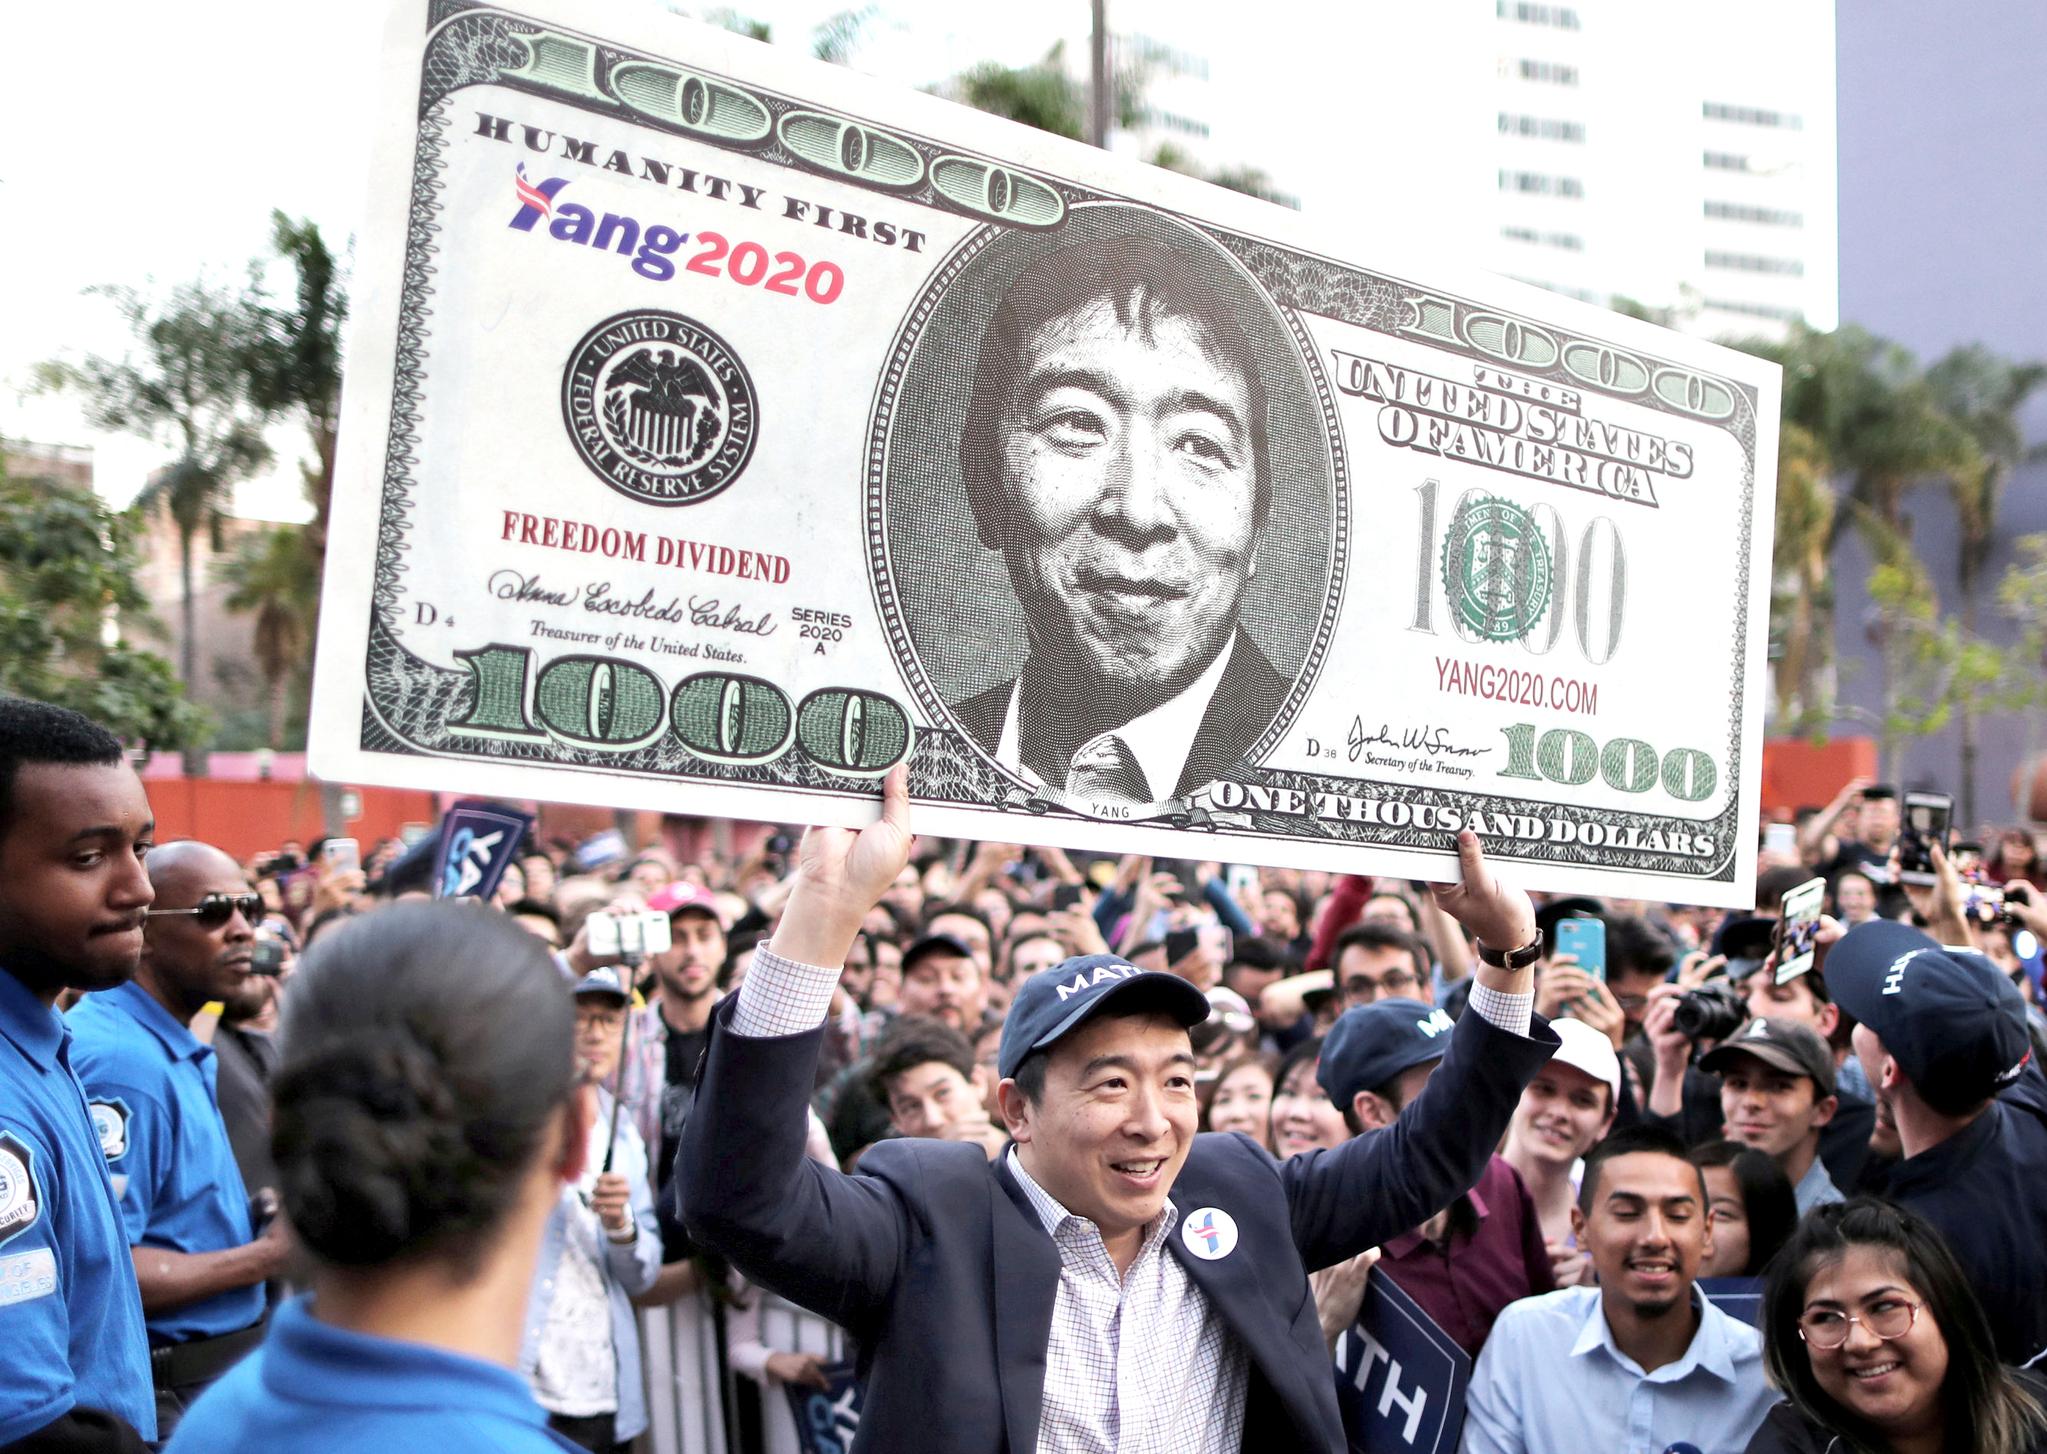 22일 LA에서 열린 선거유세장에서 앤드류 양이 자신의 얼굴이 든 선거 선전물을 들고 있다. 양 후보의 대선 주요공약은 성인에게 매달 천달러를 지급하는 것이다.[로이터=연합뉴스]